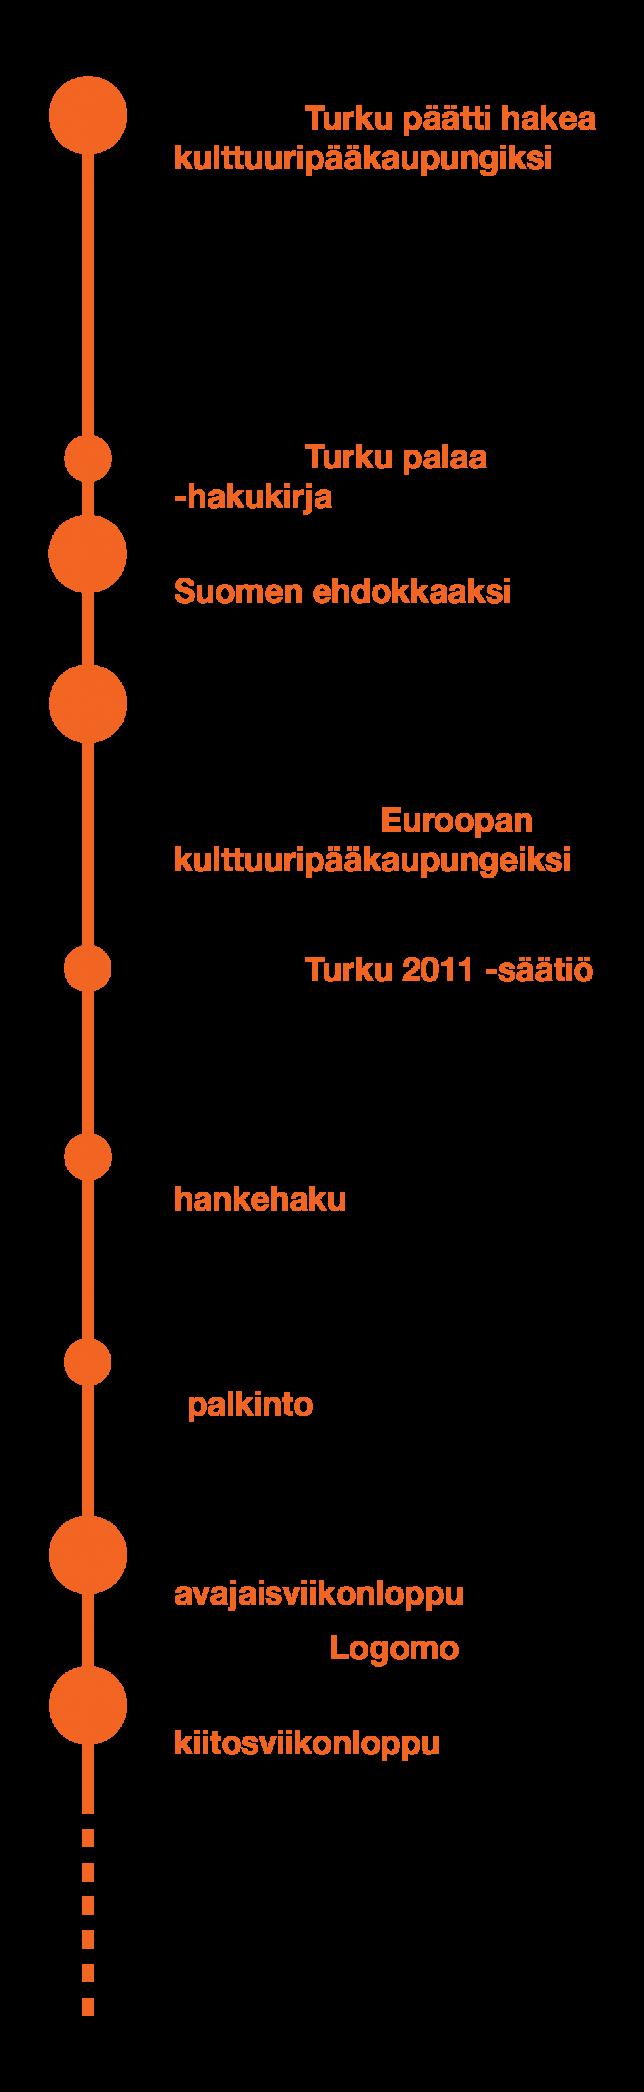 Turku 2011 -aikajana